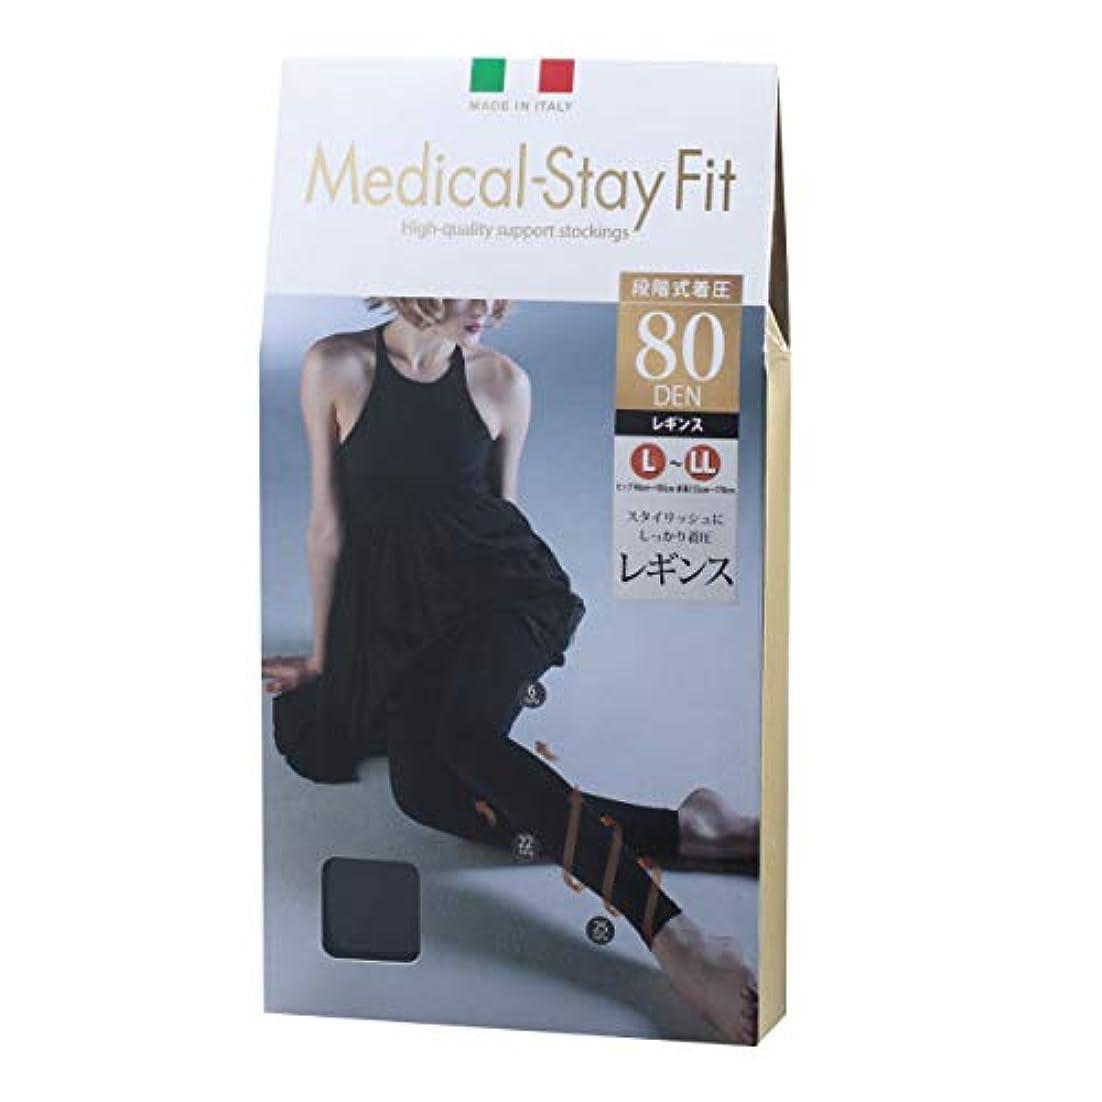 統合スラム呪い【メディカル ステイフィット】着圧レギンス 80デニール ブラック (L-LL) イタリア製 Medical-Stay Fit